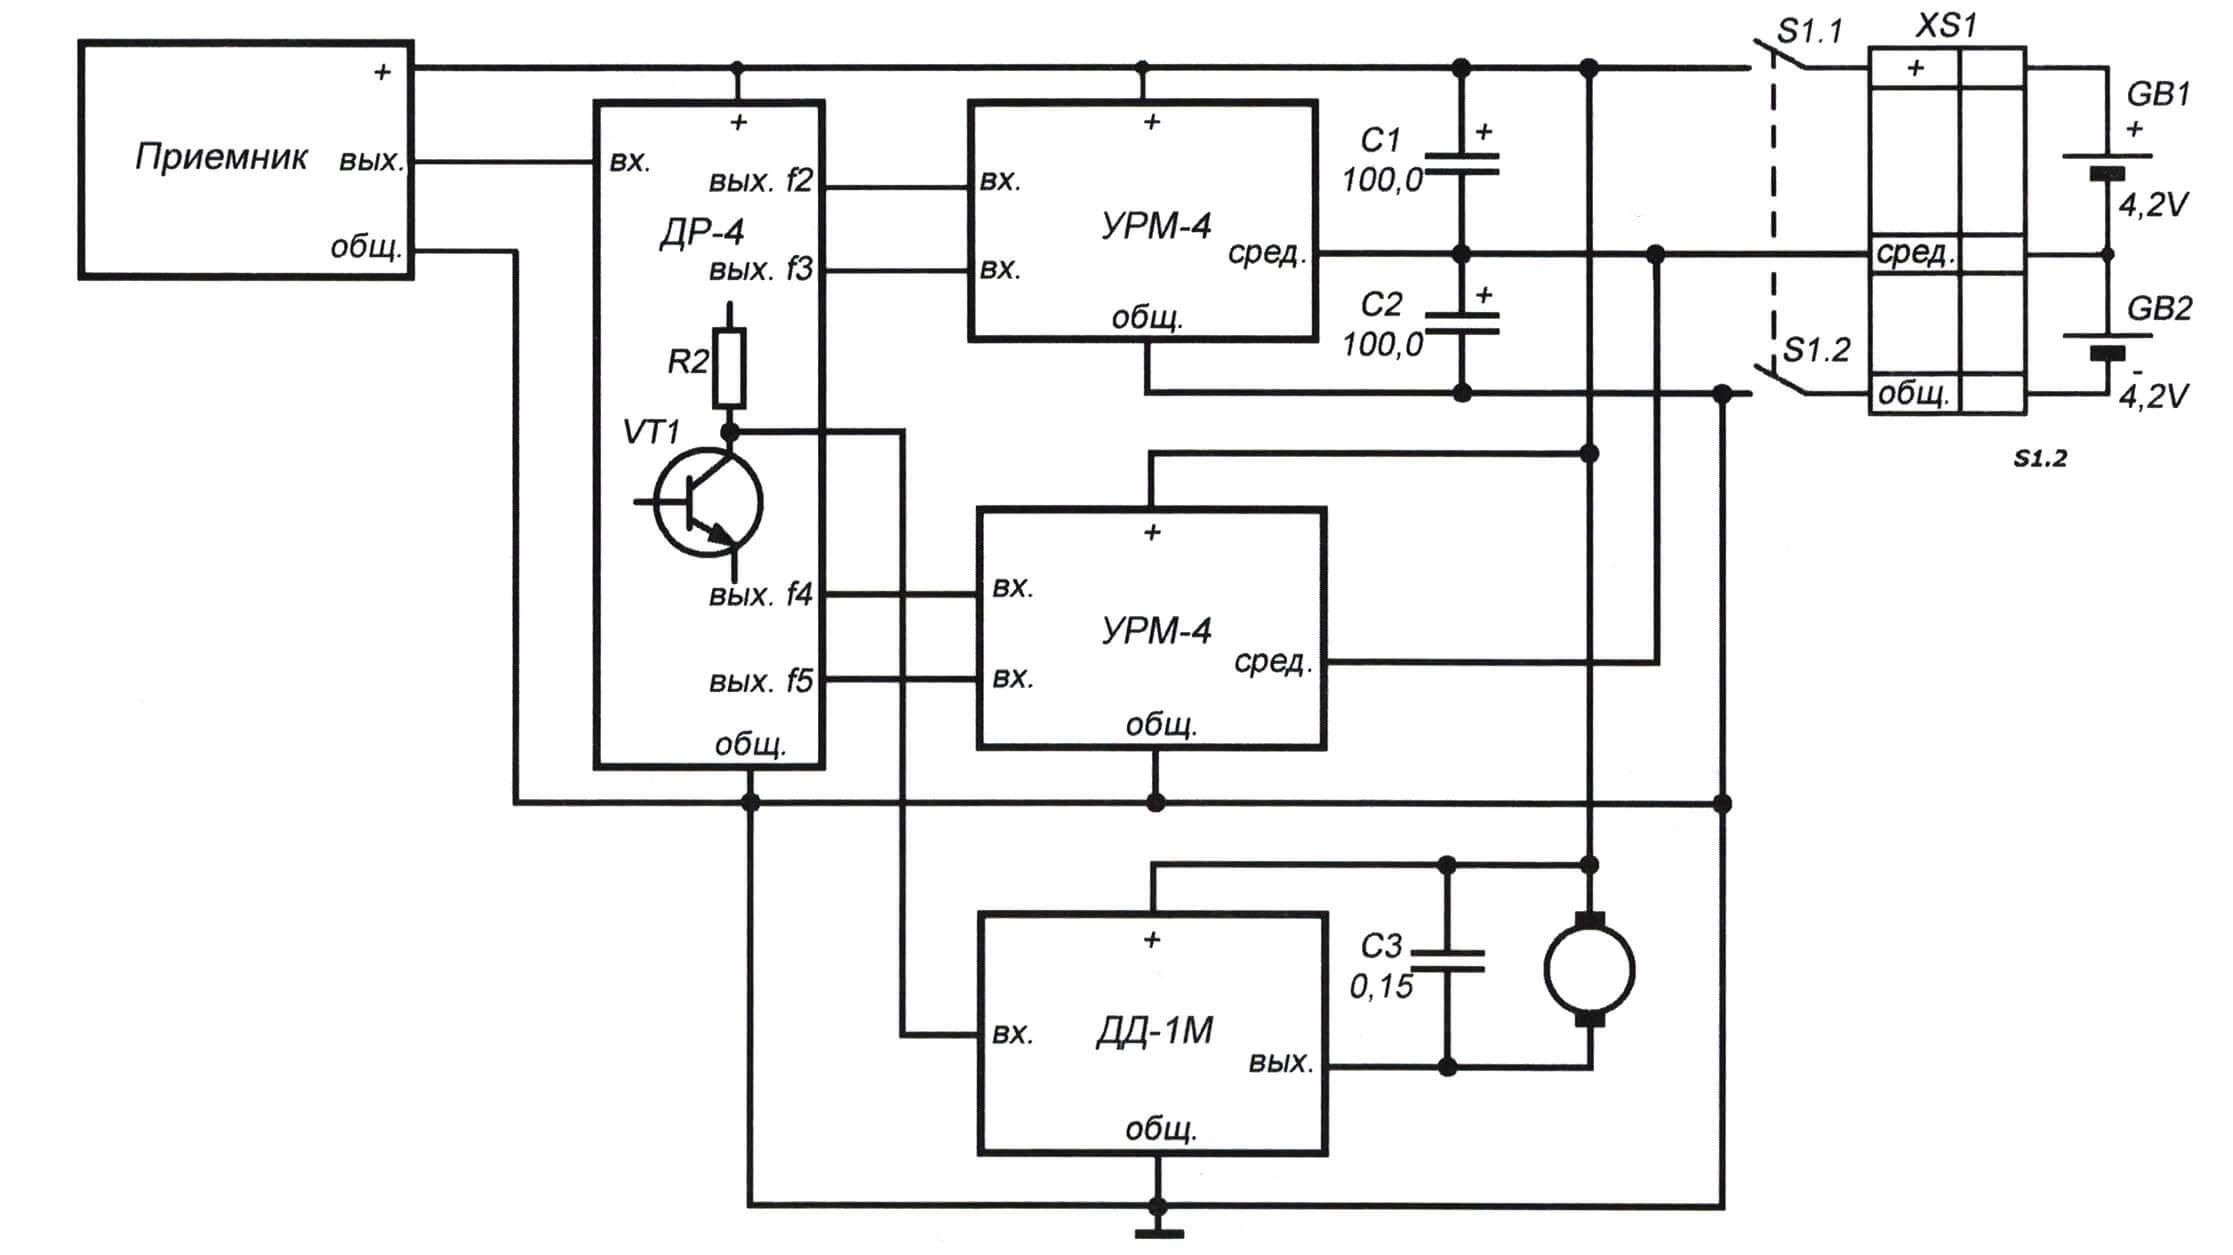 Система «Каната-Д», бортовая часть. Схема межблочных соединений